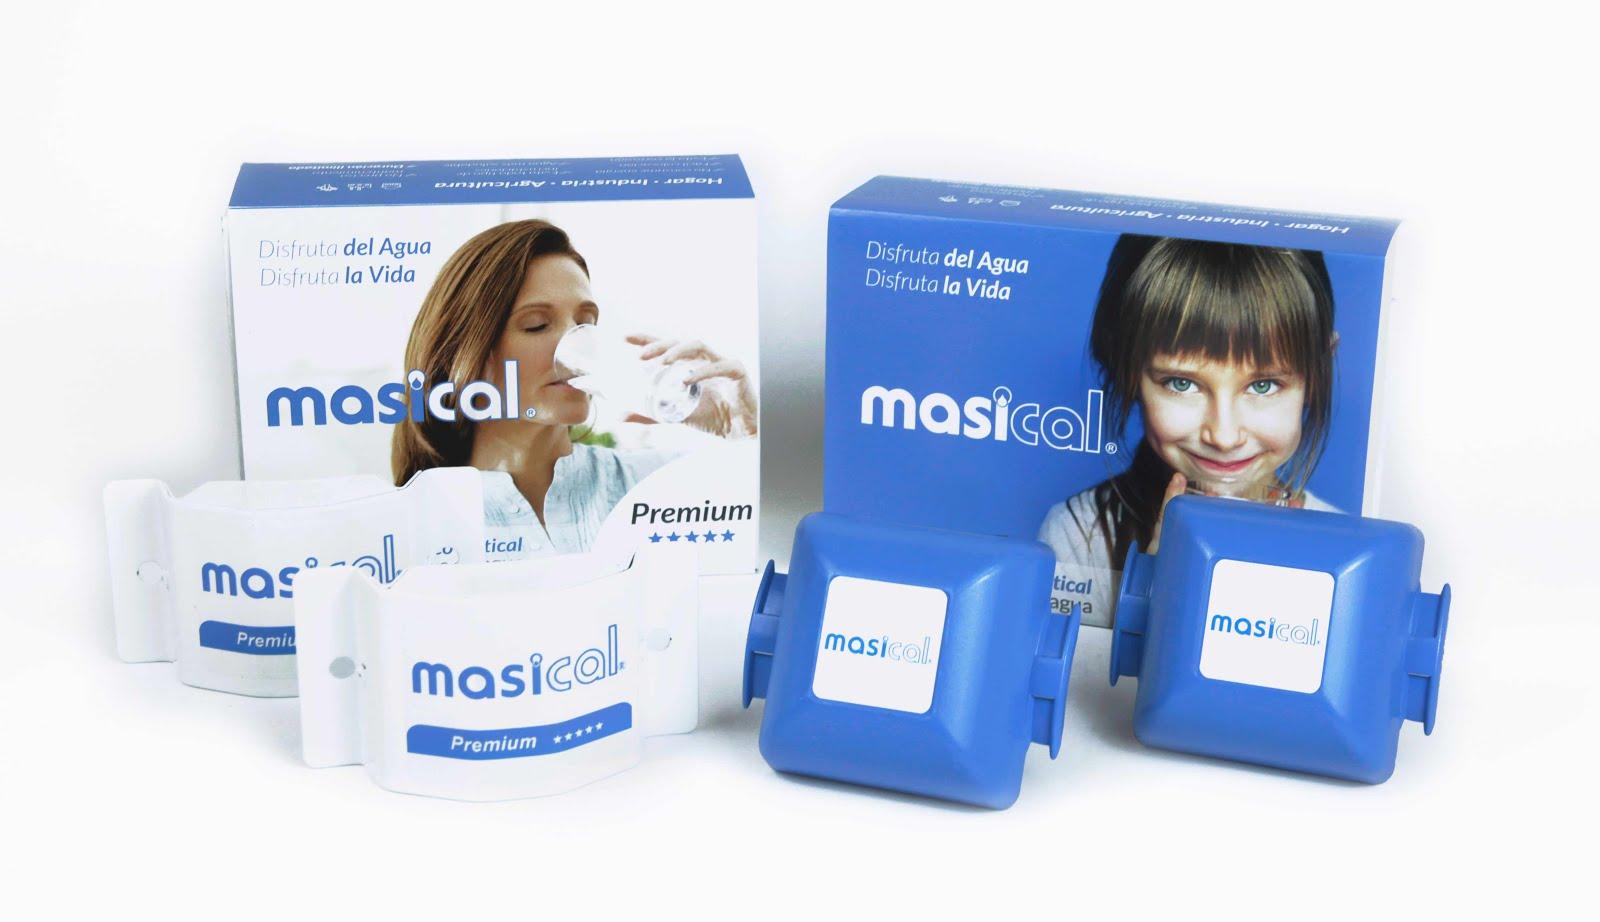 Masical Premium y Masical